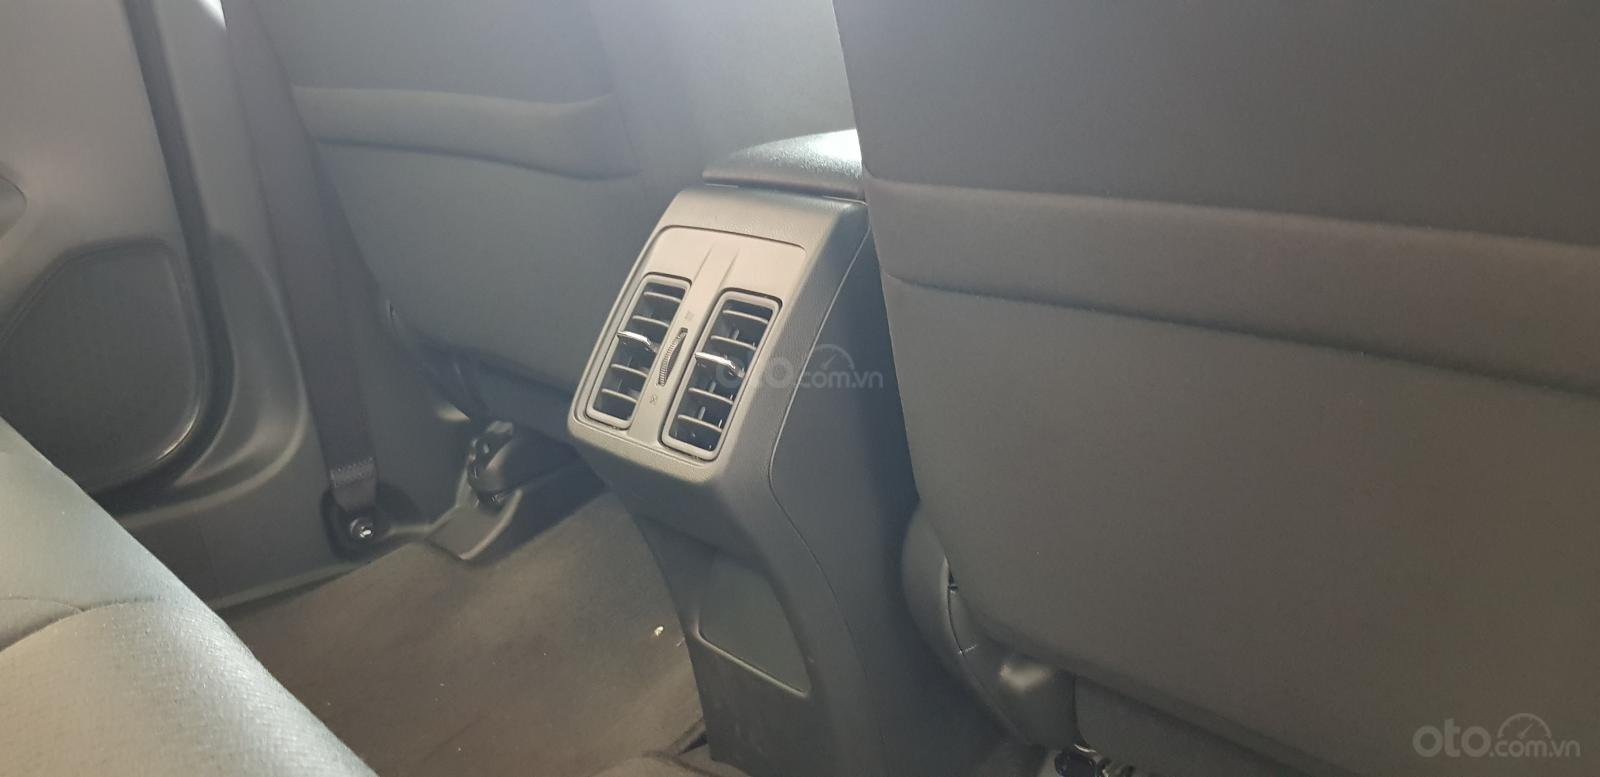 [Honda ô tô Hải Phòng] Bán xe Honda City 1.5 CVT - Giá tốt nhất - Hotline: 094.964.1093 (6)